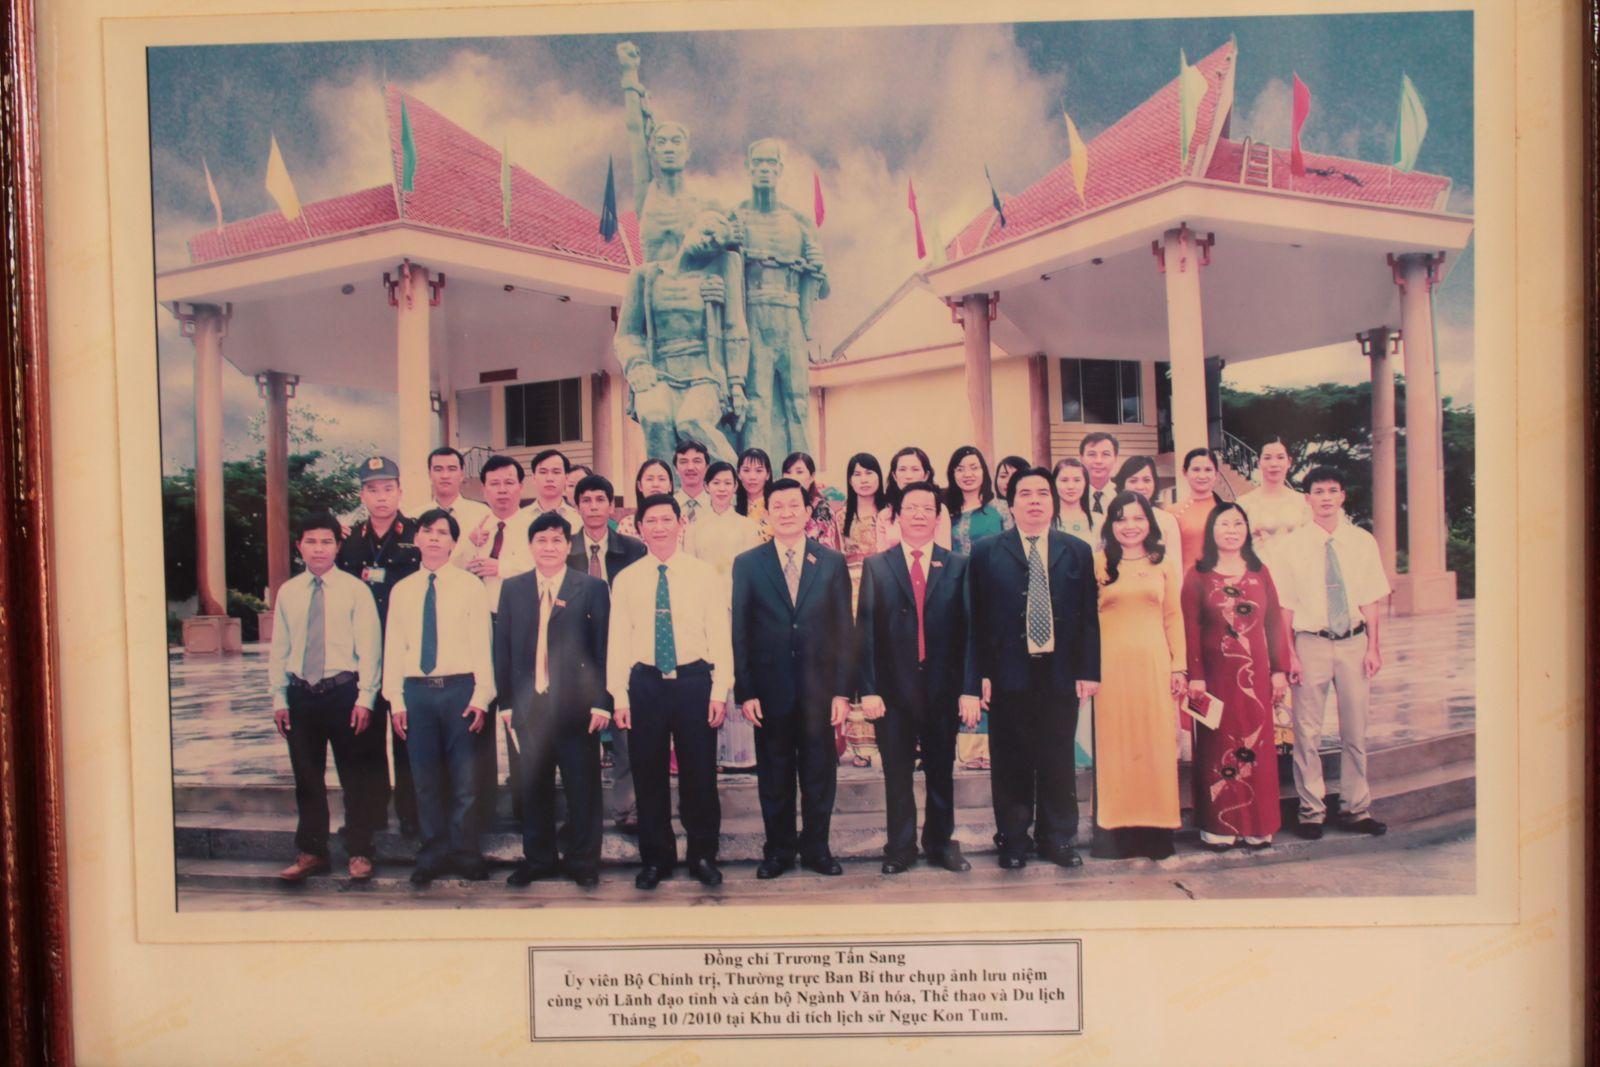 Chủ tịch nước Trương Tấn Sang viếng thăm và chụp hình lưu niệm tại khu di tích Ngục Kon Tum